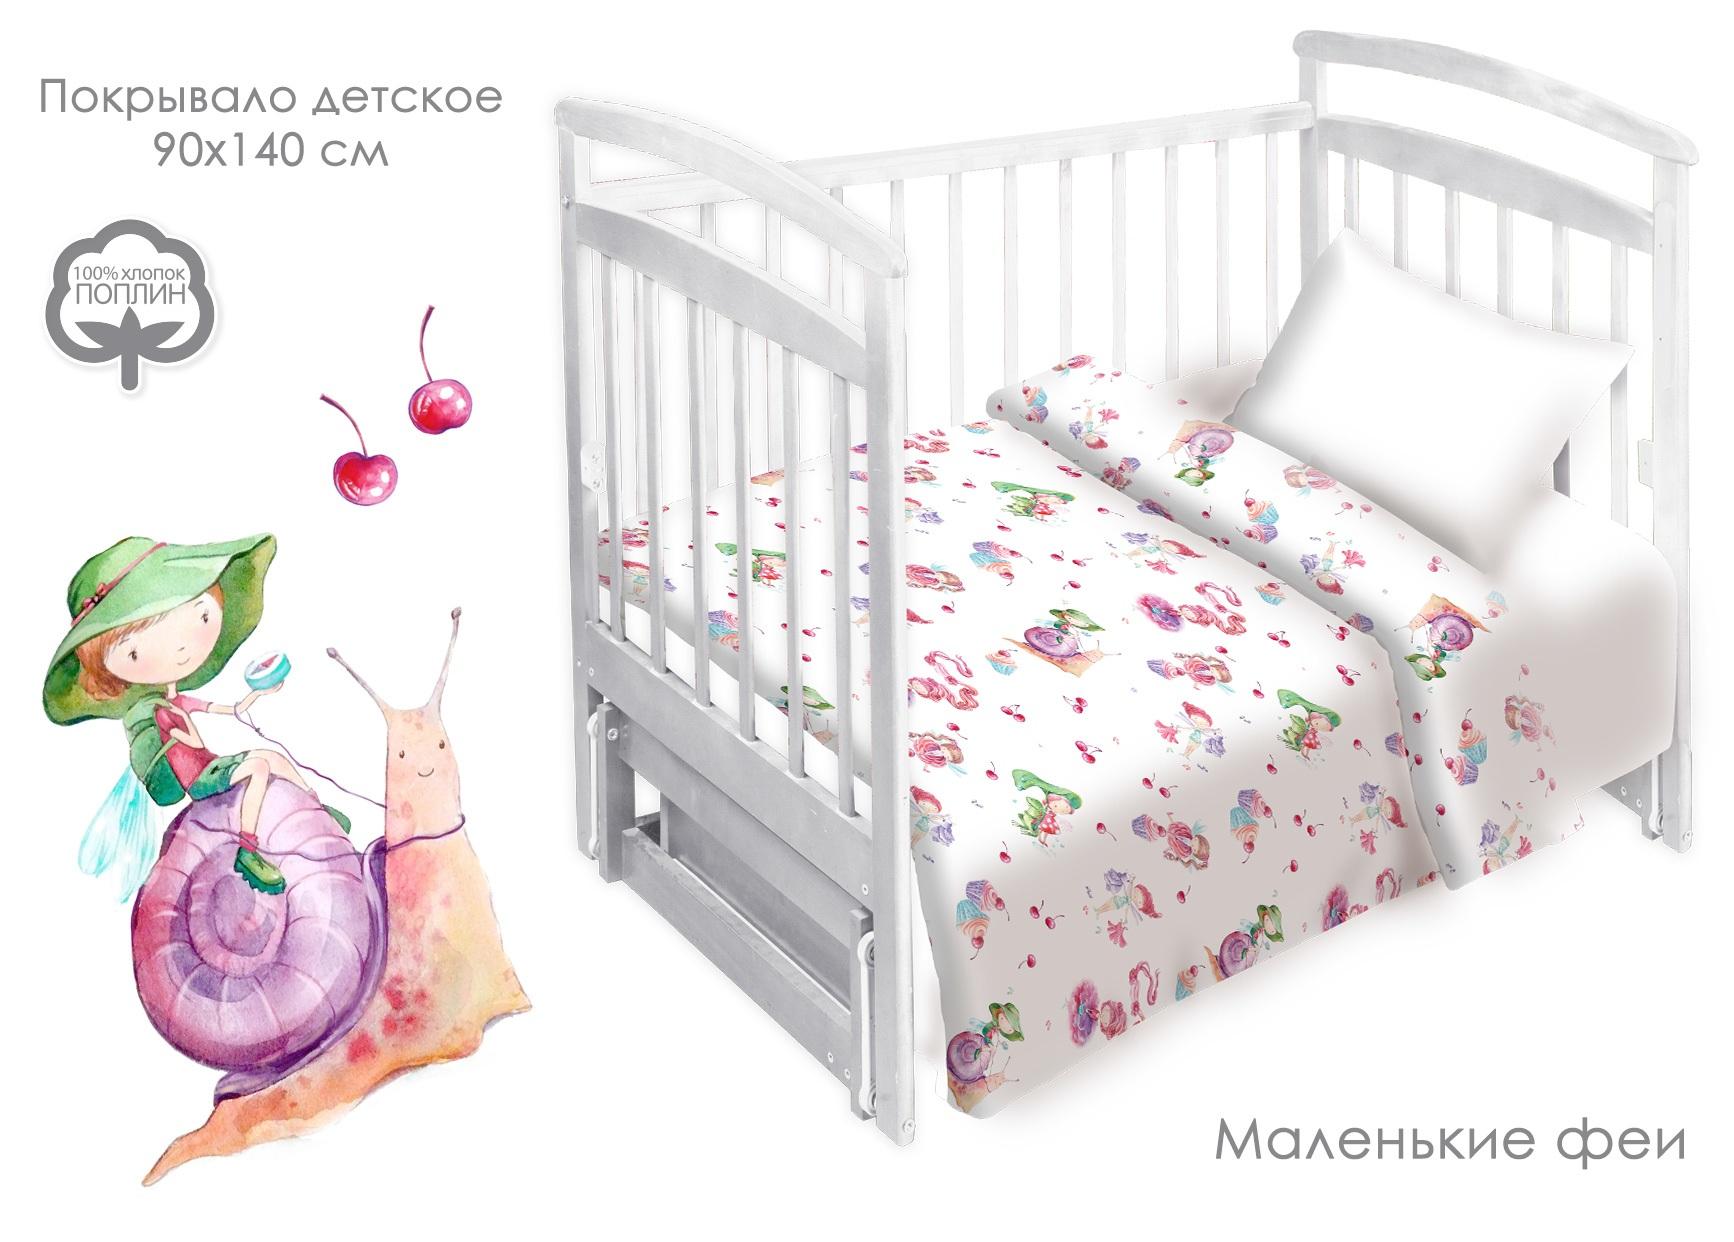 Детские покрывала, подушки, одея��а Непоседа Детское покрывало Маленькие Феи (90х140 см) покрывало детское непоседа непоседа покрывало star wars стеганое чубакка